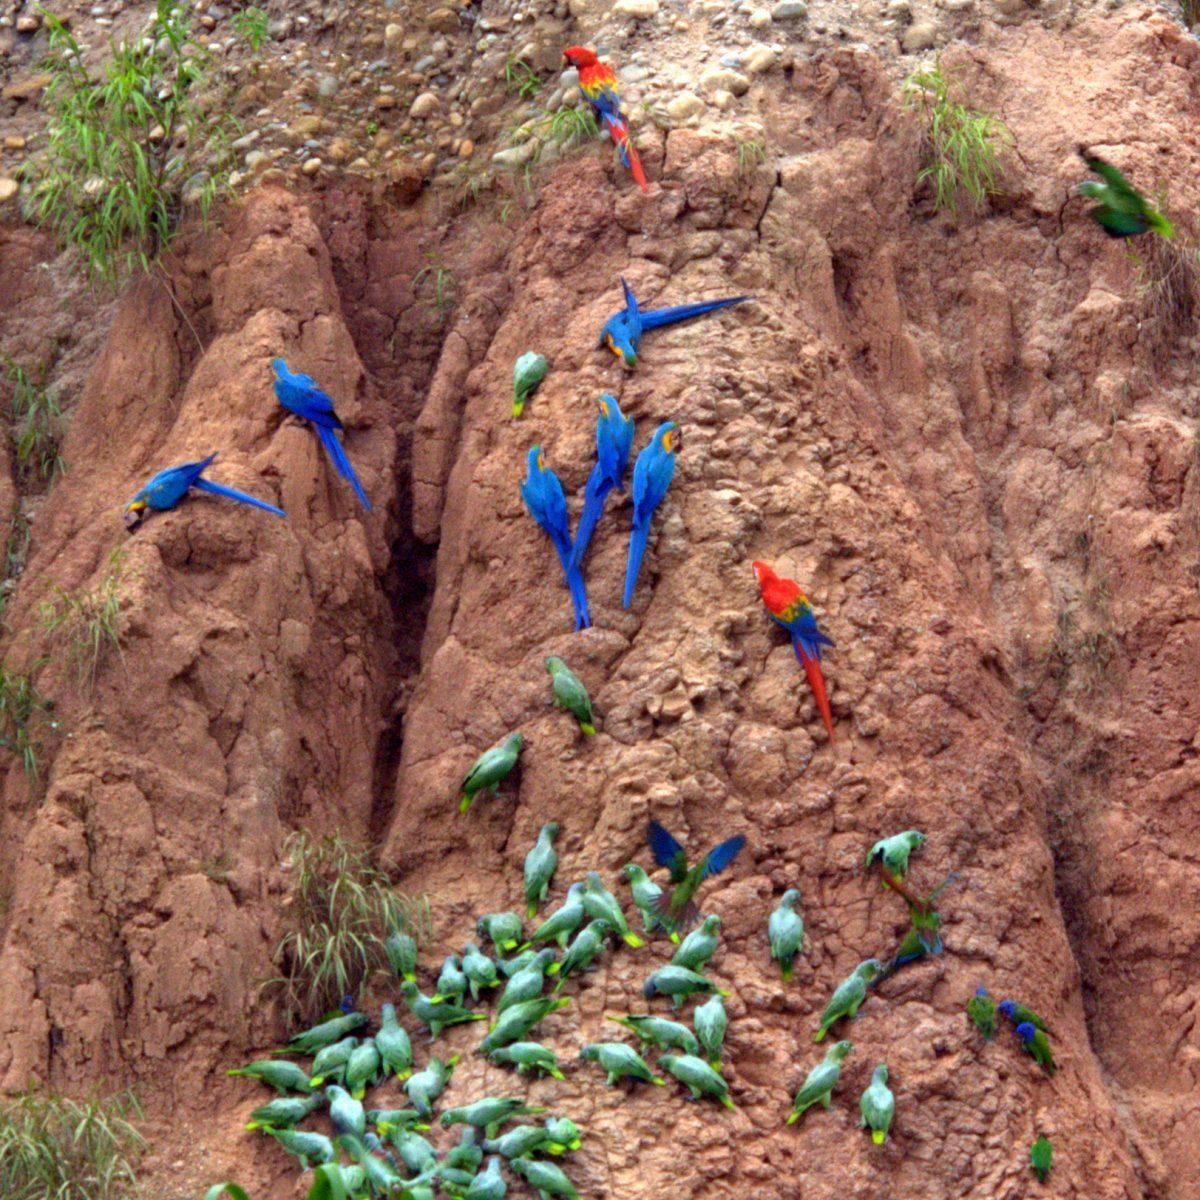 خاک خوراکی طوطی سخره رودخانه گل خوراکی سنگ